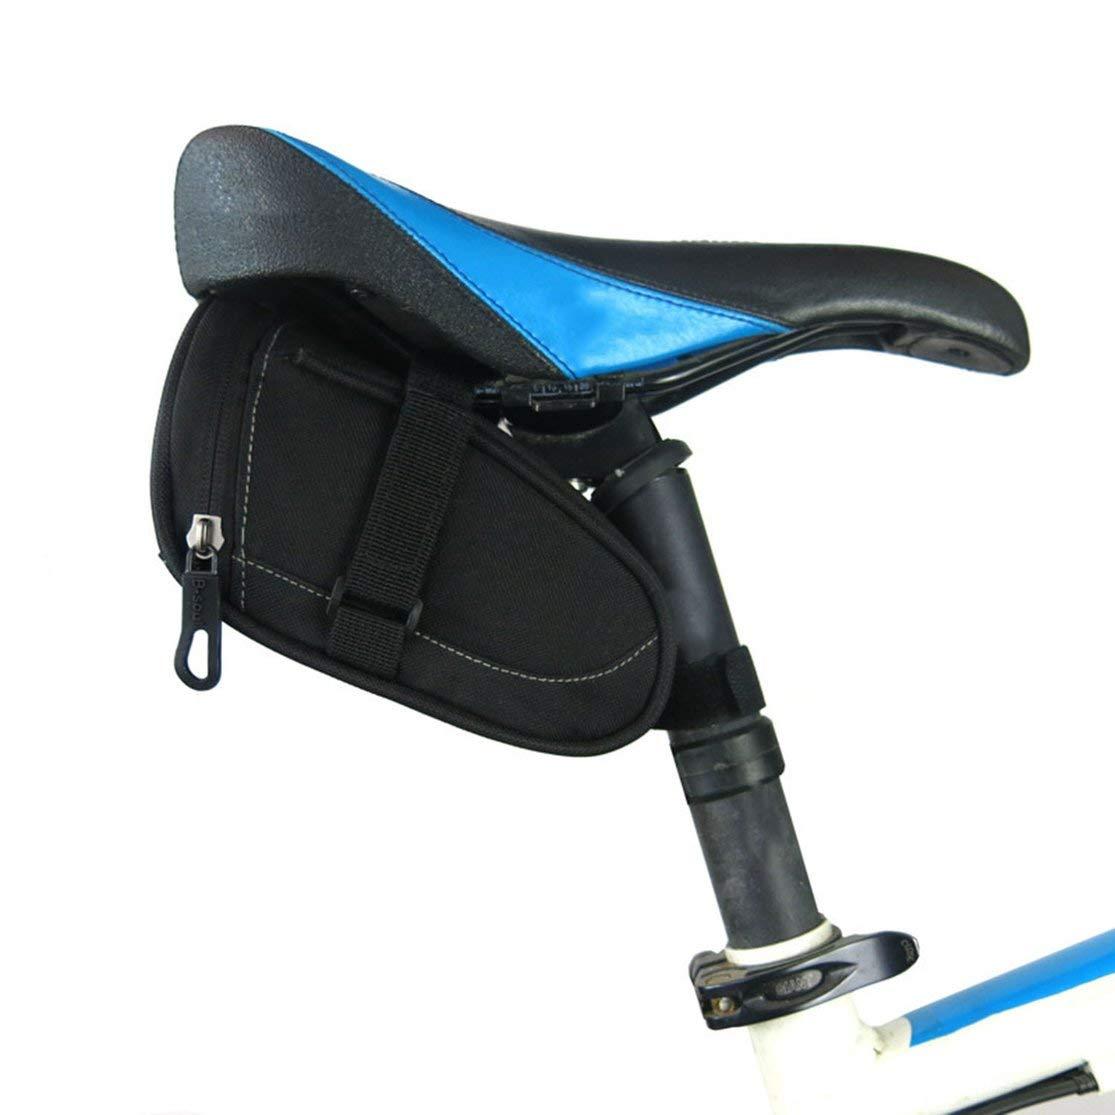 LouiseEvel215 Peque/ño tama/ño de Nylon Impermeable Bicicleta sill/ín Bolsa Mountain Road Bike Tail Bag Ciclismo Asiento Bolsa para Accesorios de Bicicleta